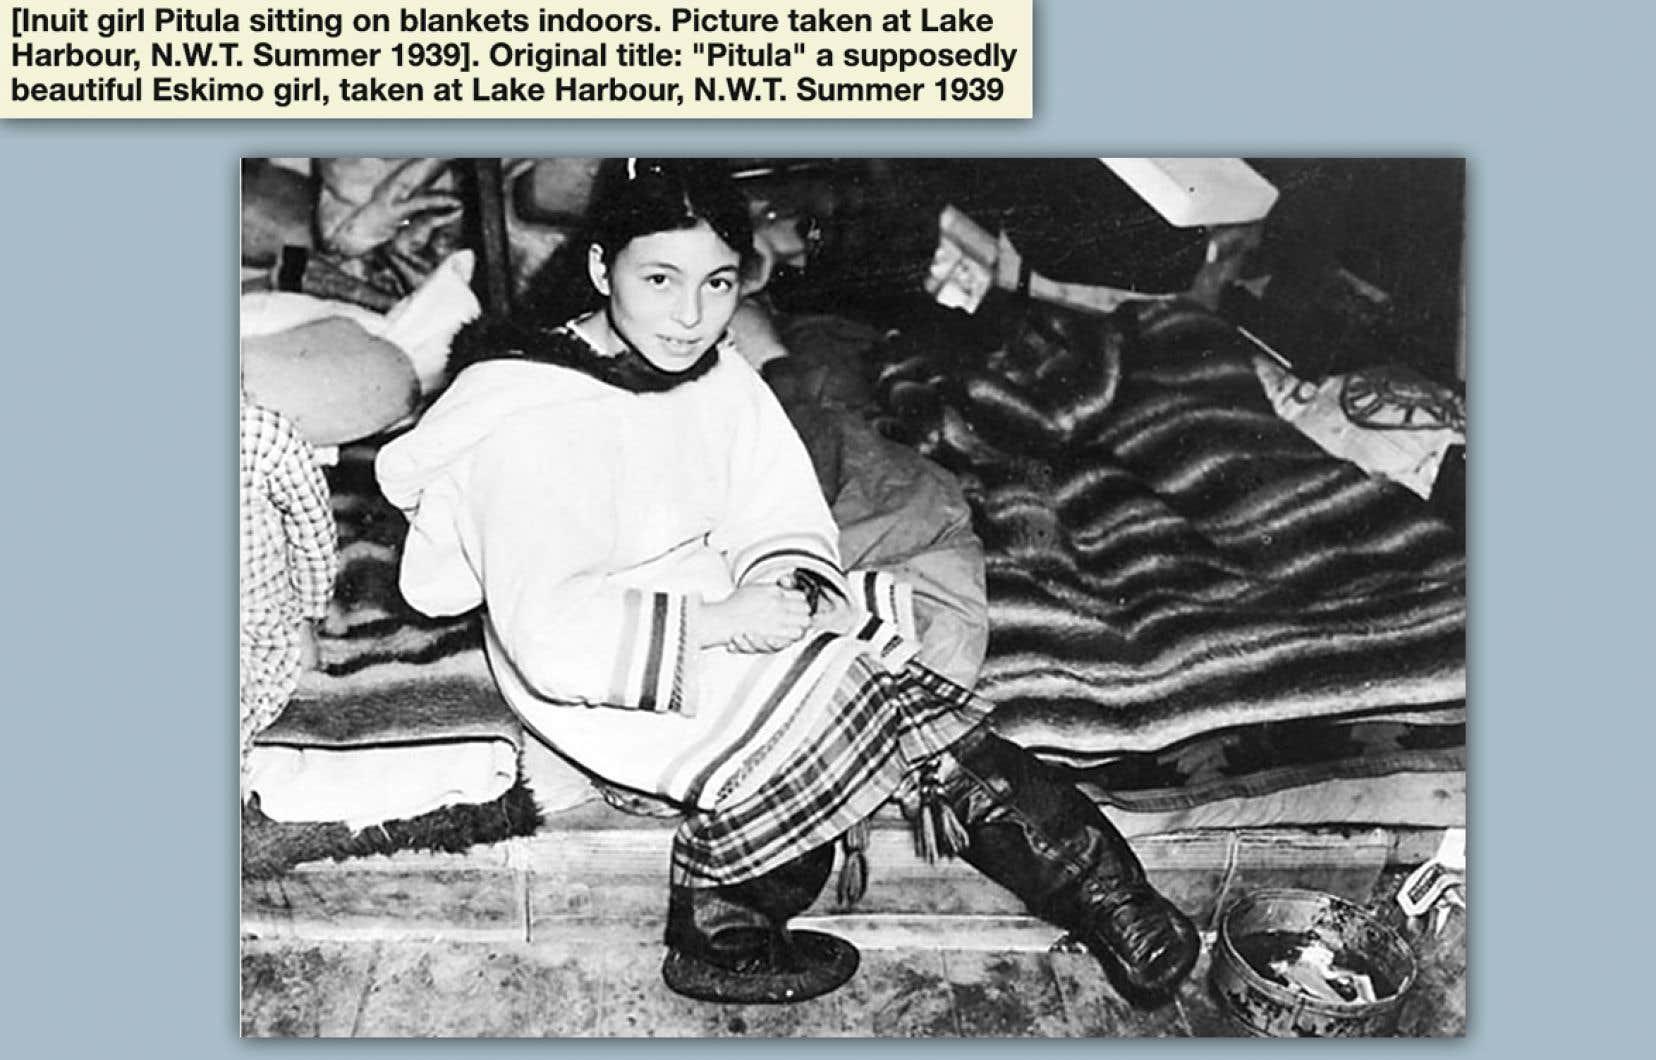 La photo et sa légende proviennent de Bibliothèque et Archives Canada, sous la référence Mikan 5034383. La photo prise en 1939 à Lake Harbour dans les Territoires du Nord-Ouest était identifiée par ce titre (en anglais) : « Pitula, une fille esquimo prétendument jolie ». Un ajout annonce maintenant : « La jeune Inuit Pitula assise à l'intérieur sur des couvertures. »